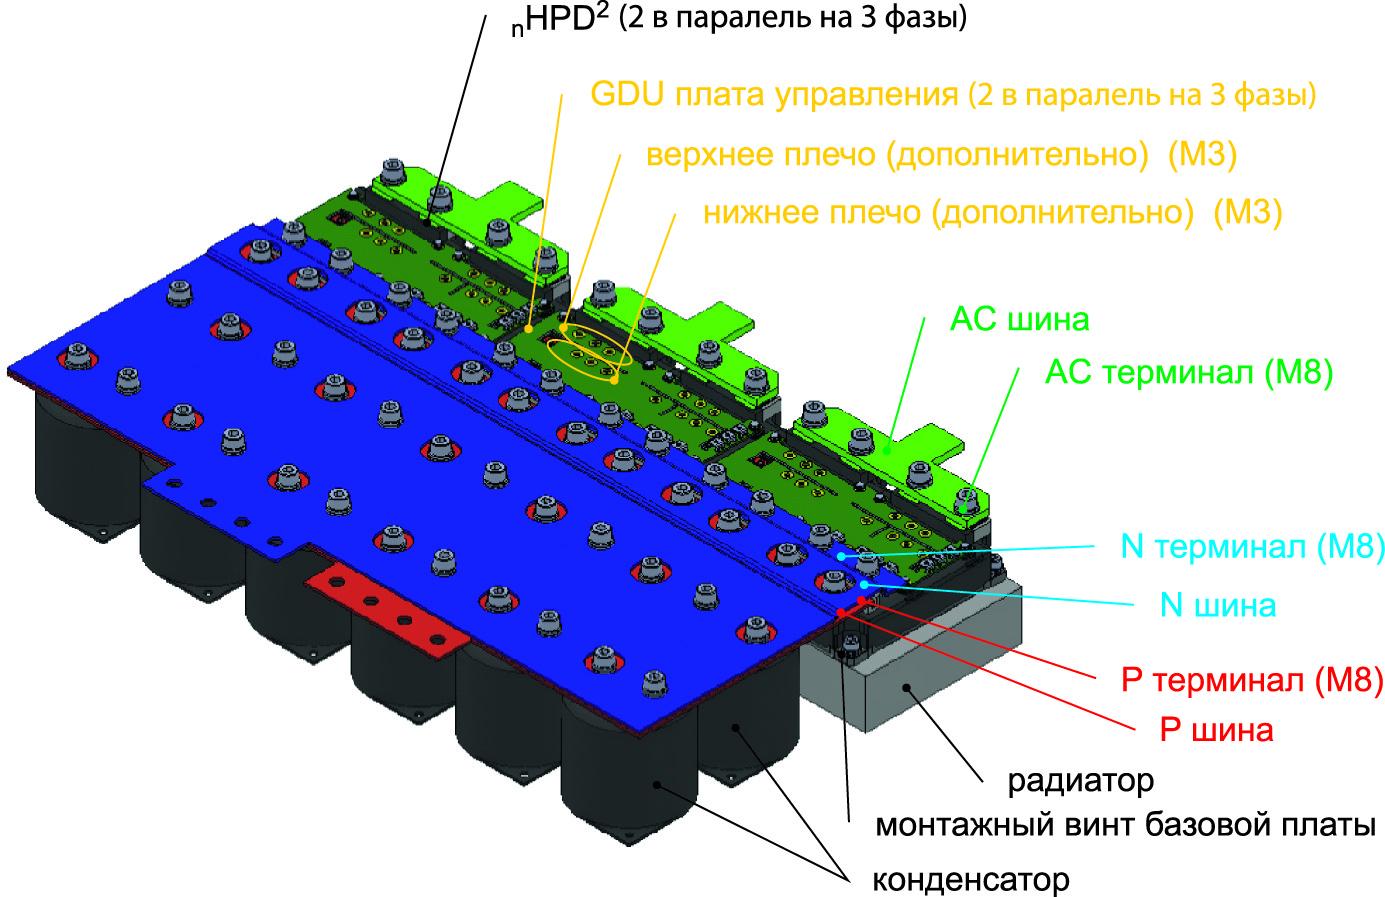 Пример сборки при установке двух модулей nHPD2 в параллель и 3-фазной конфигурации схемы (в общей сложности 6 модулей nHPD2)